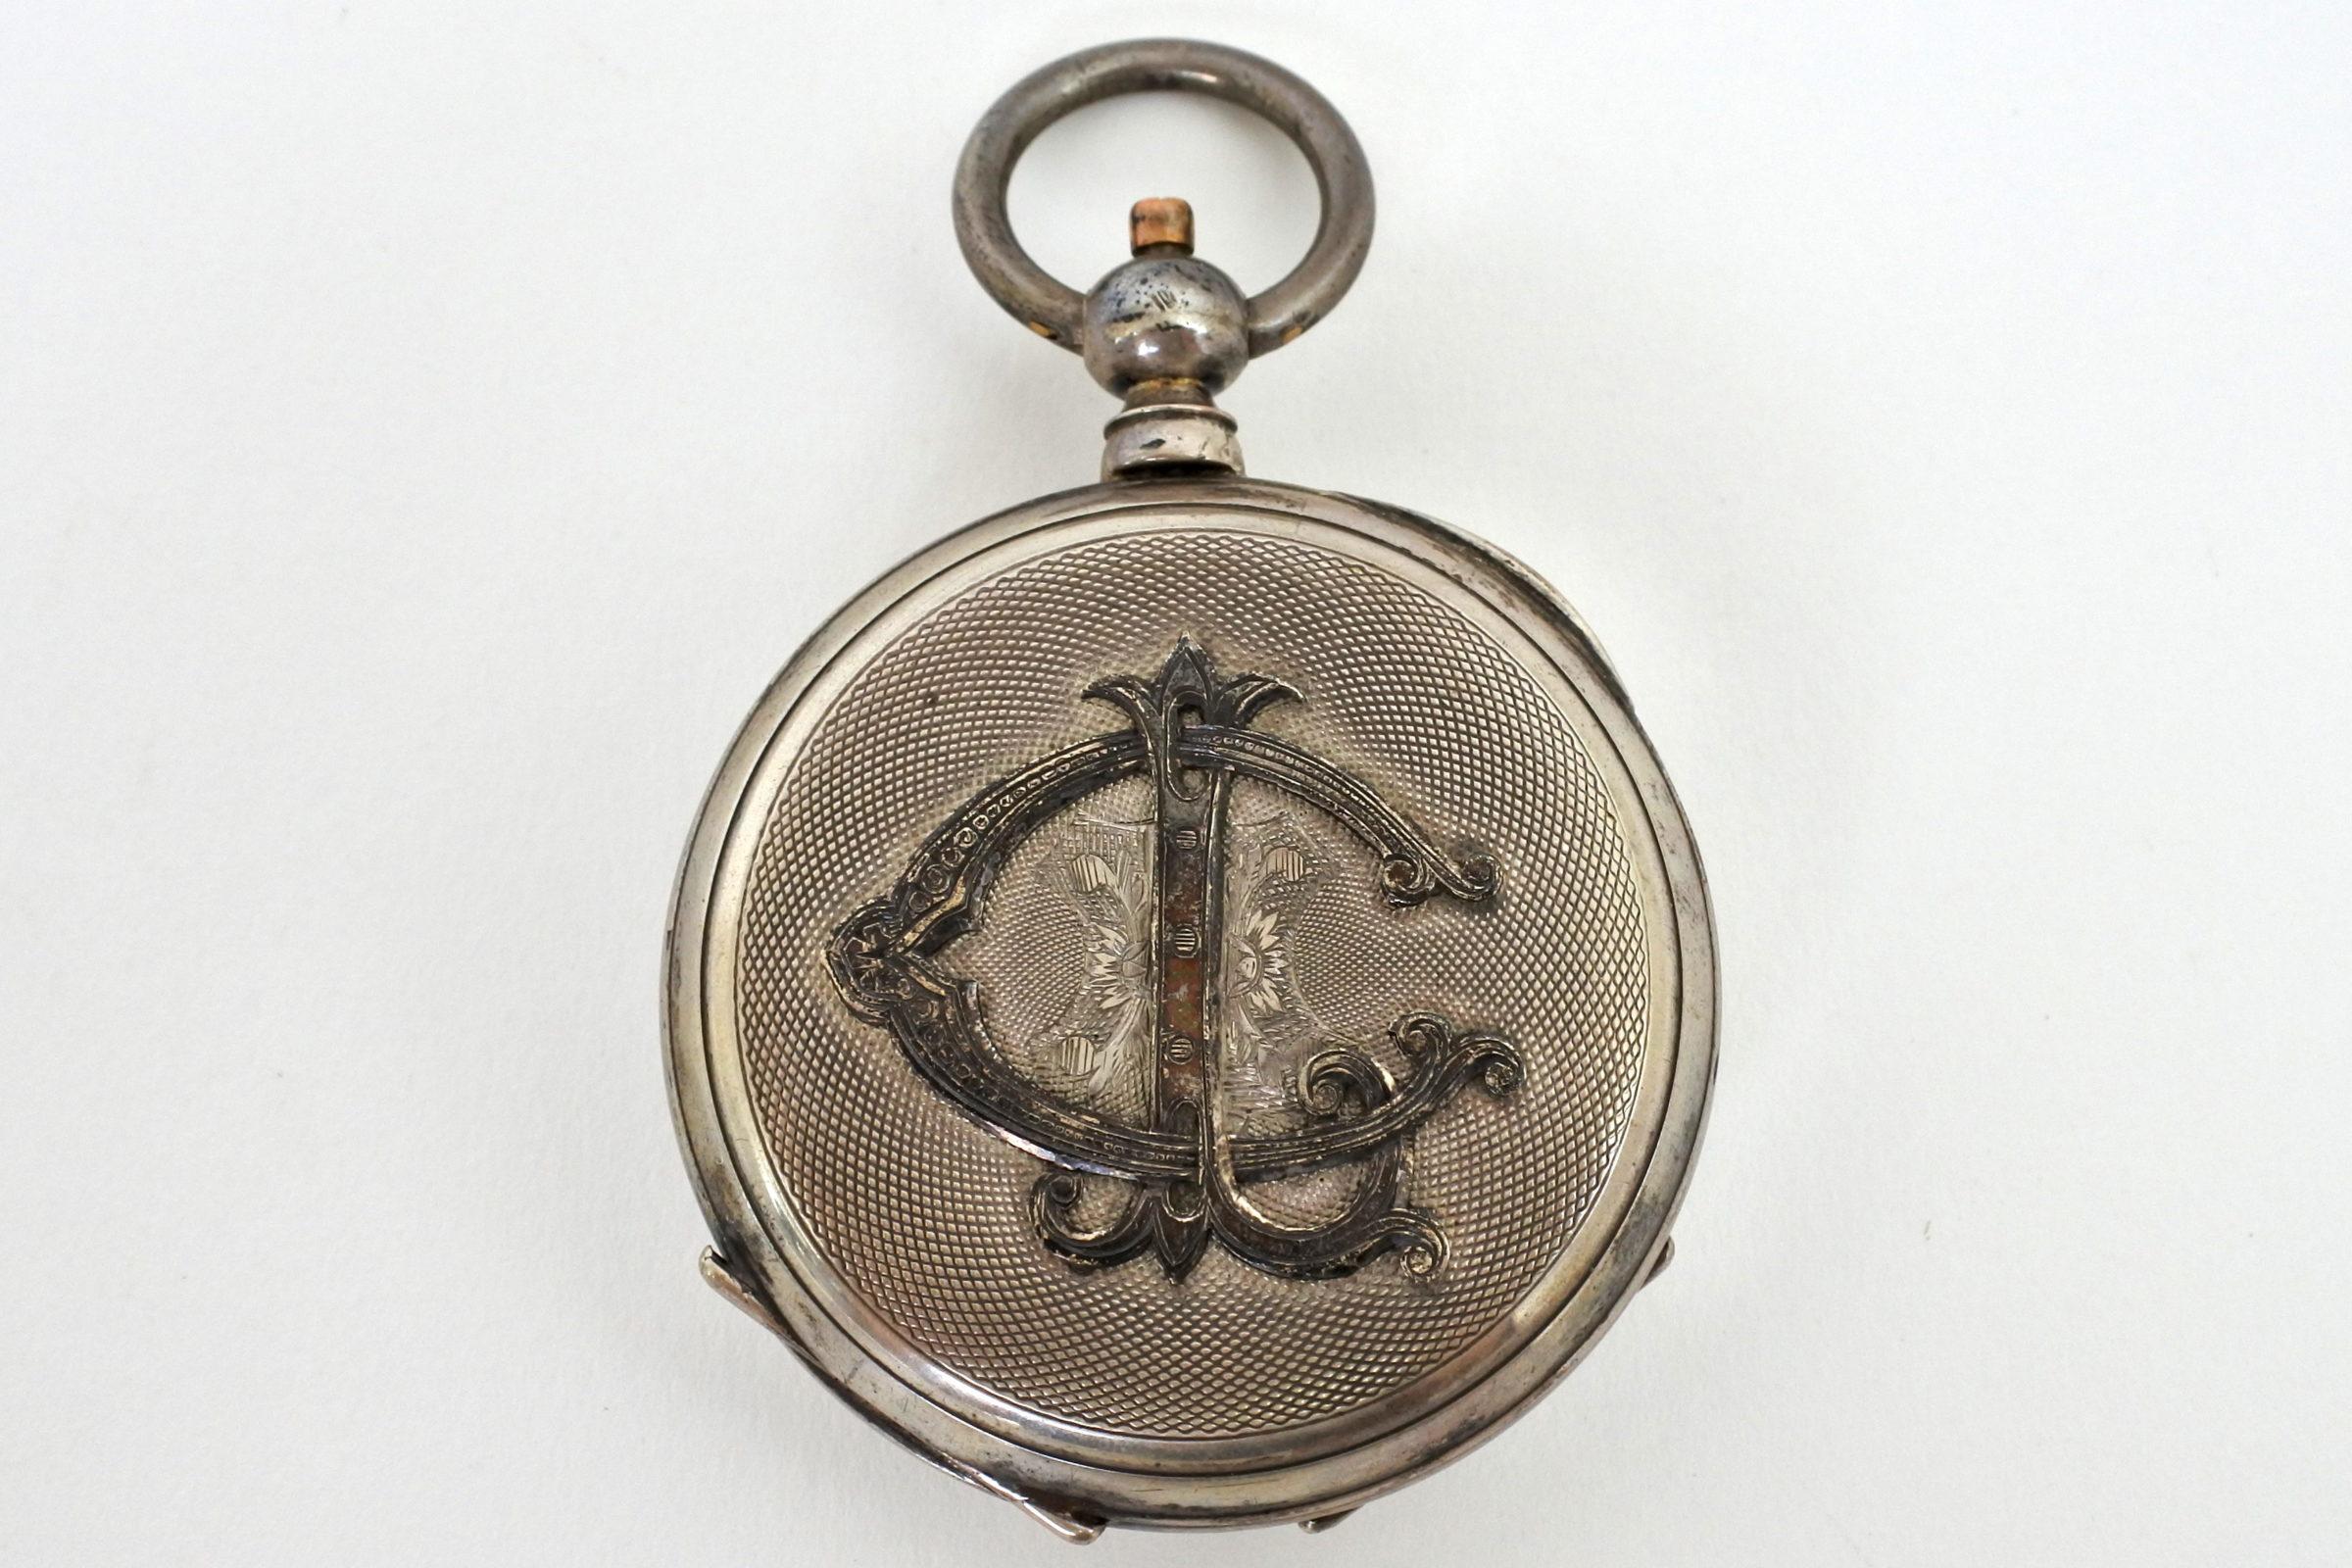 Orologio da tasca in argento con carica a chiavetta. Diametro cassa 55 mm - 5